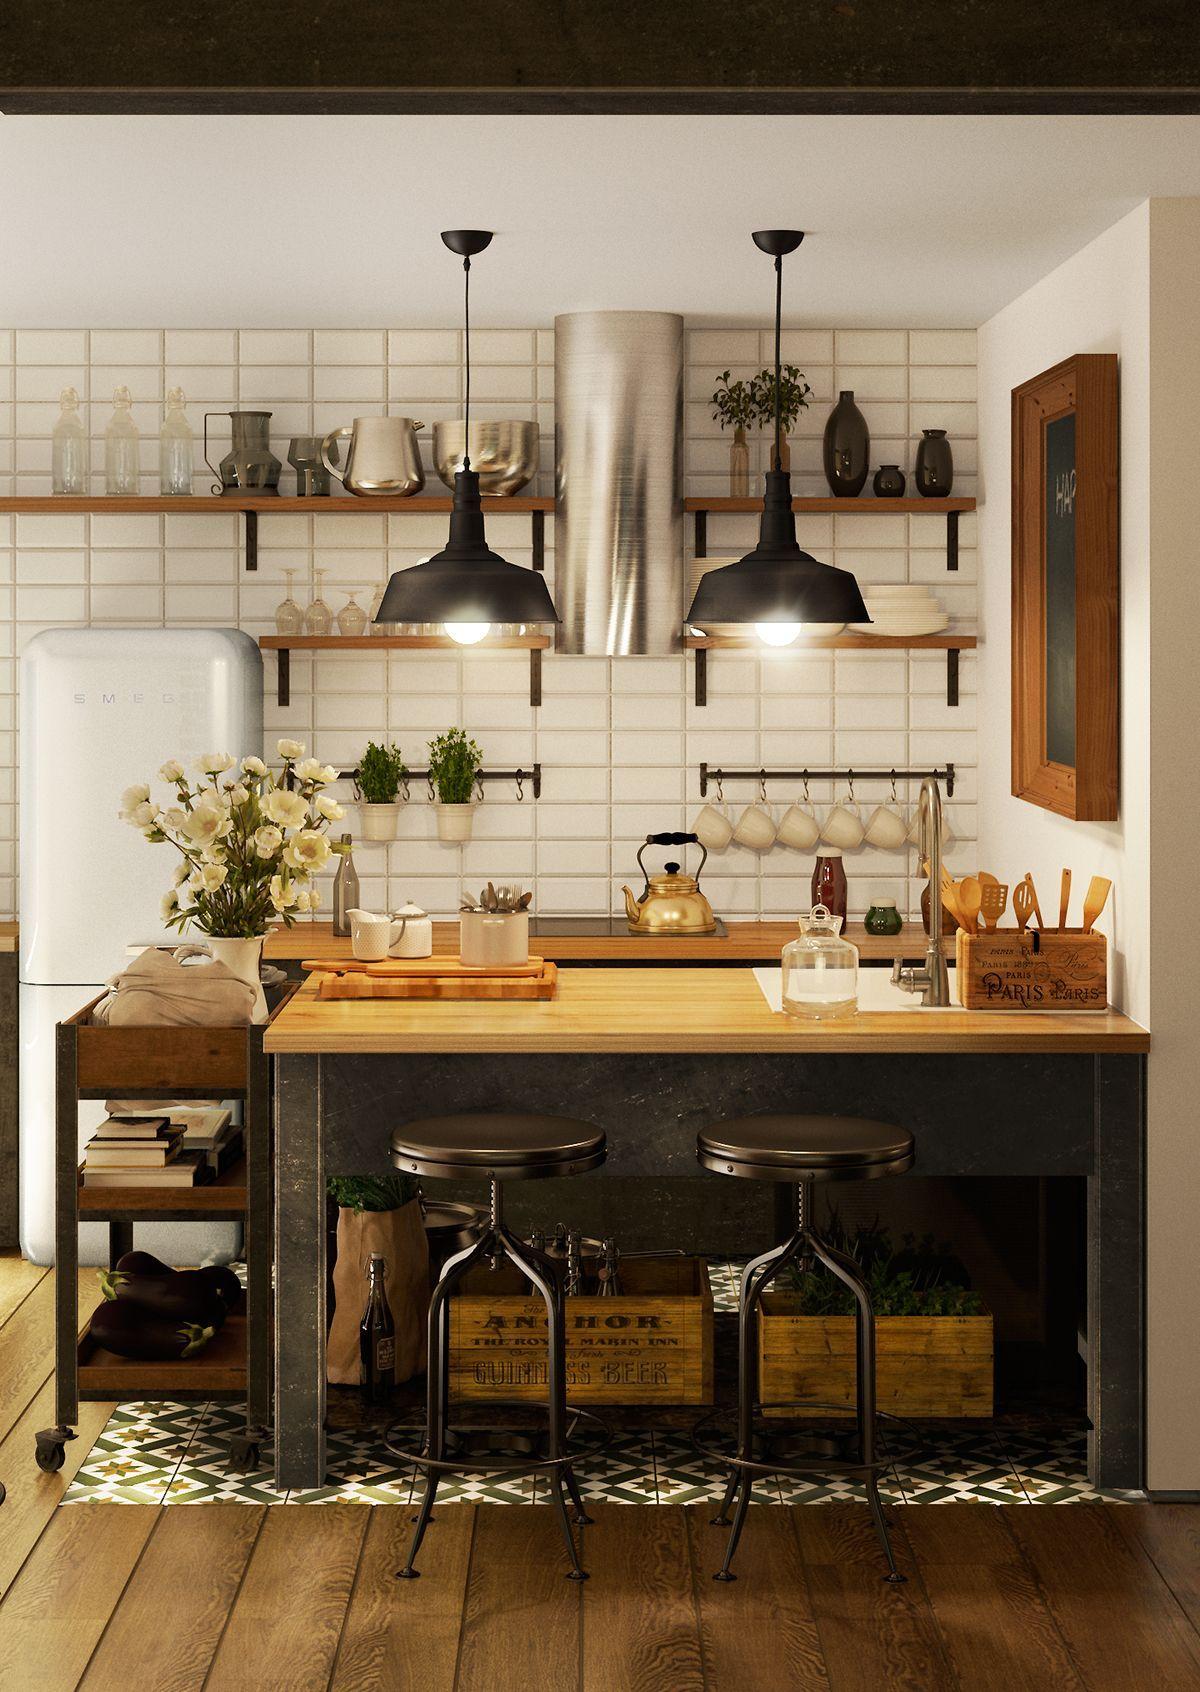 loft interior in 2020 | küche loft, wohnung küche